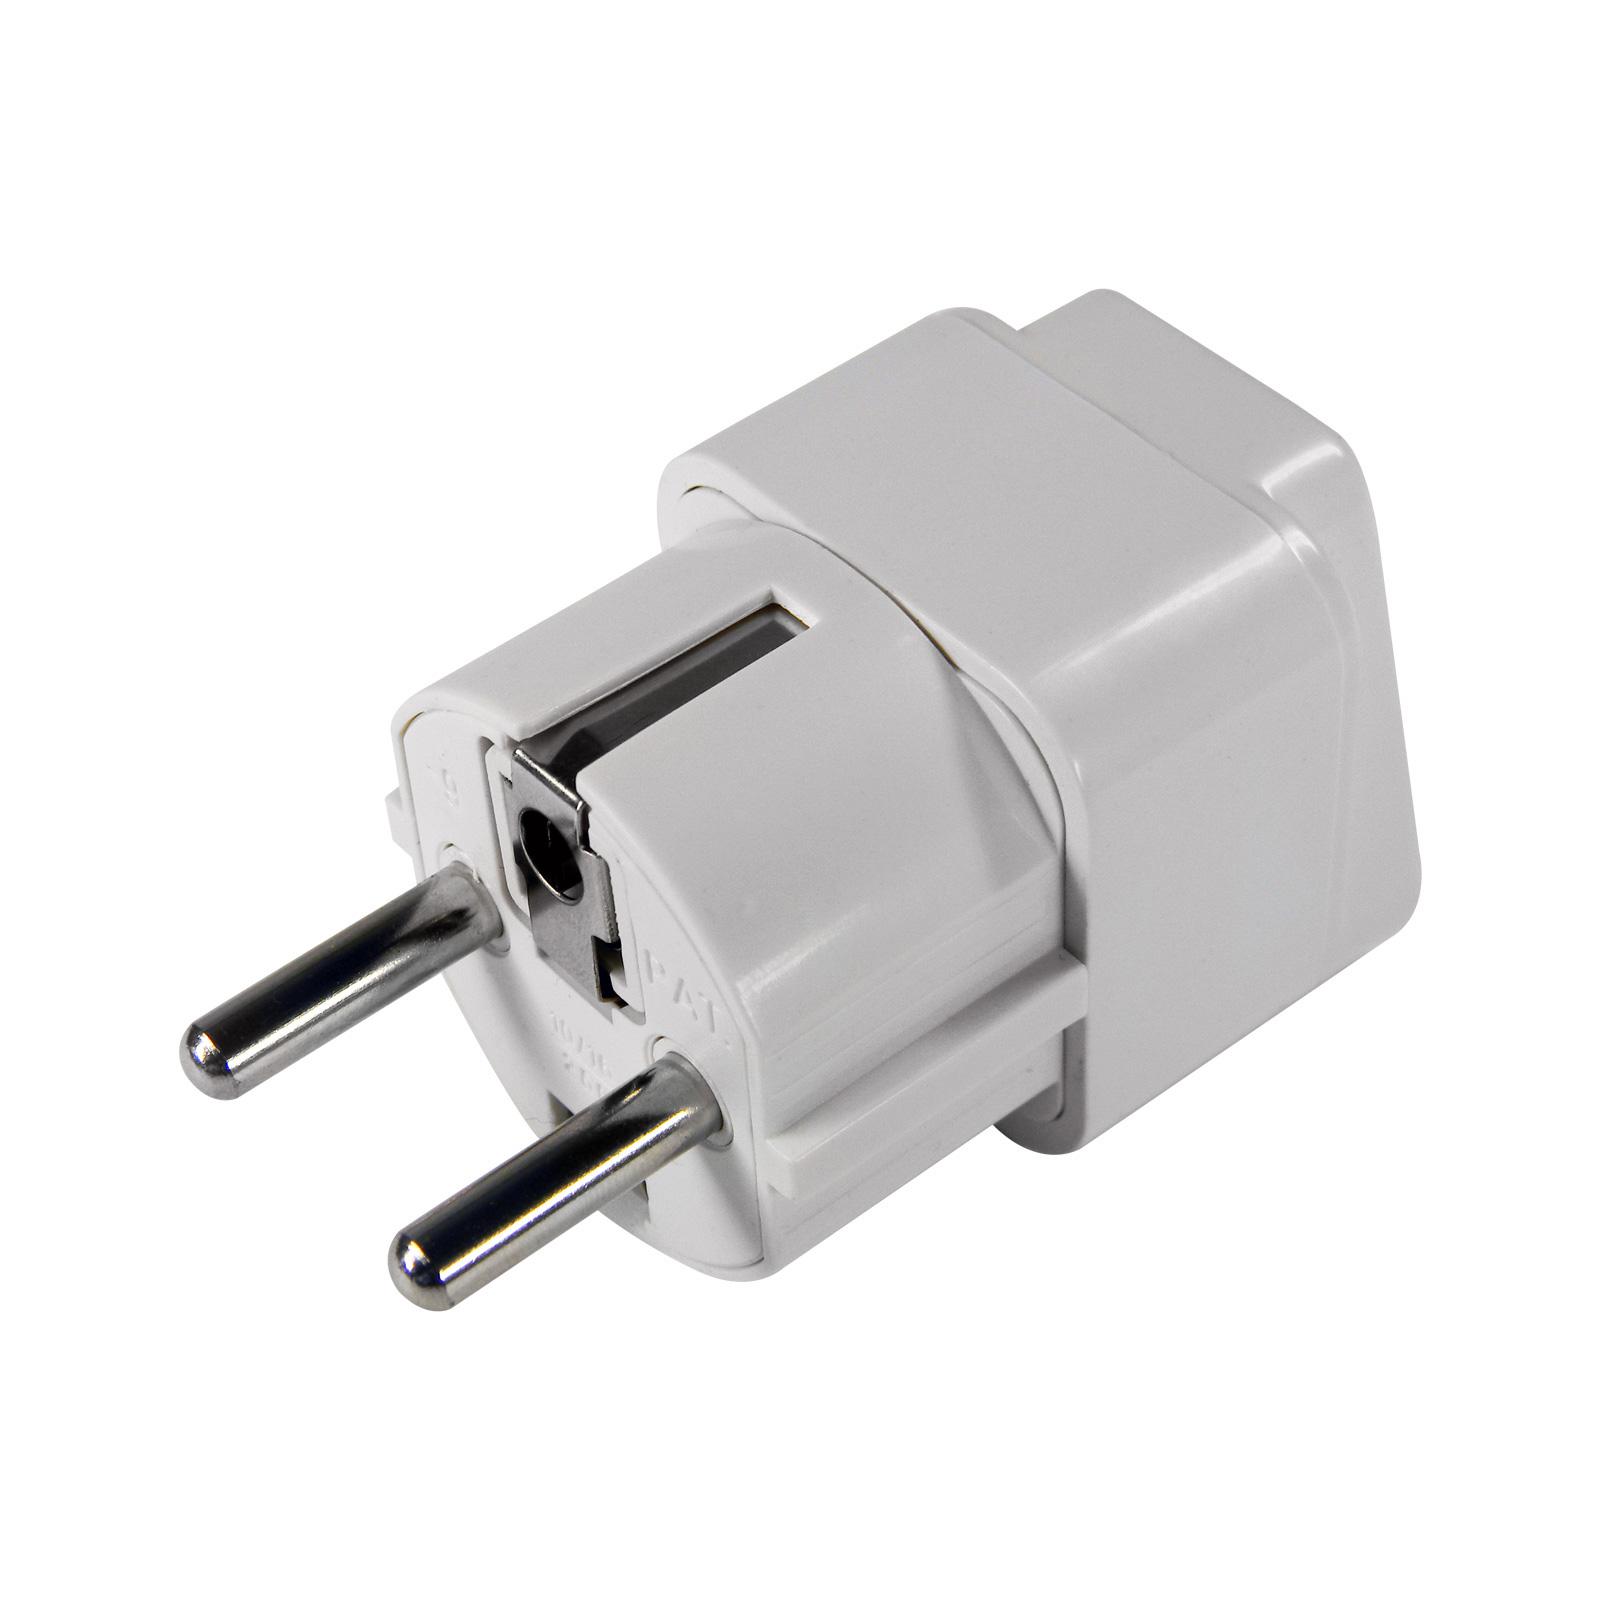 eaxus universal adapter reisestecker wei eu norm usa uk auf eu stecker neu ebay. Black Bedroom Furniture Sets. Home Design Ideas